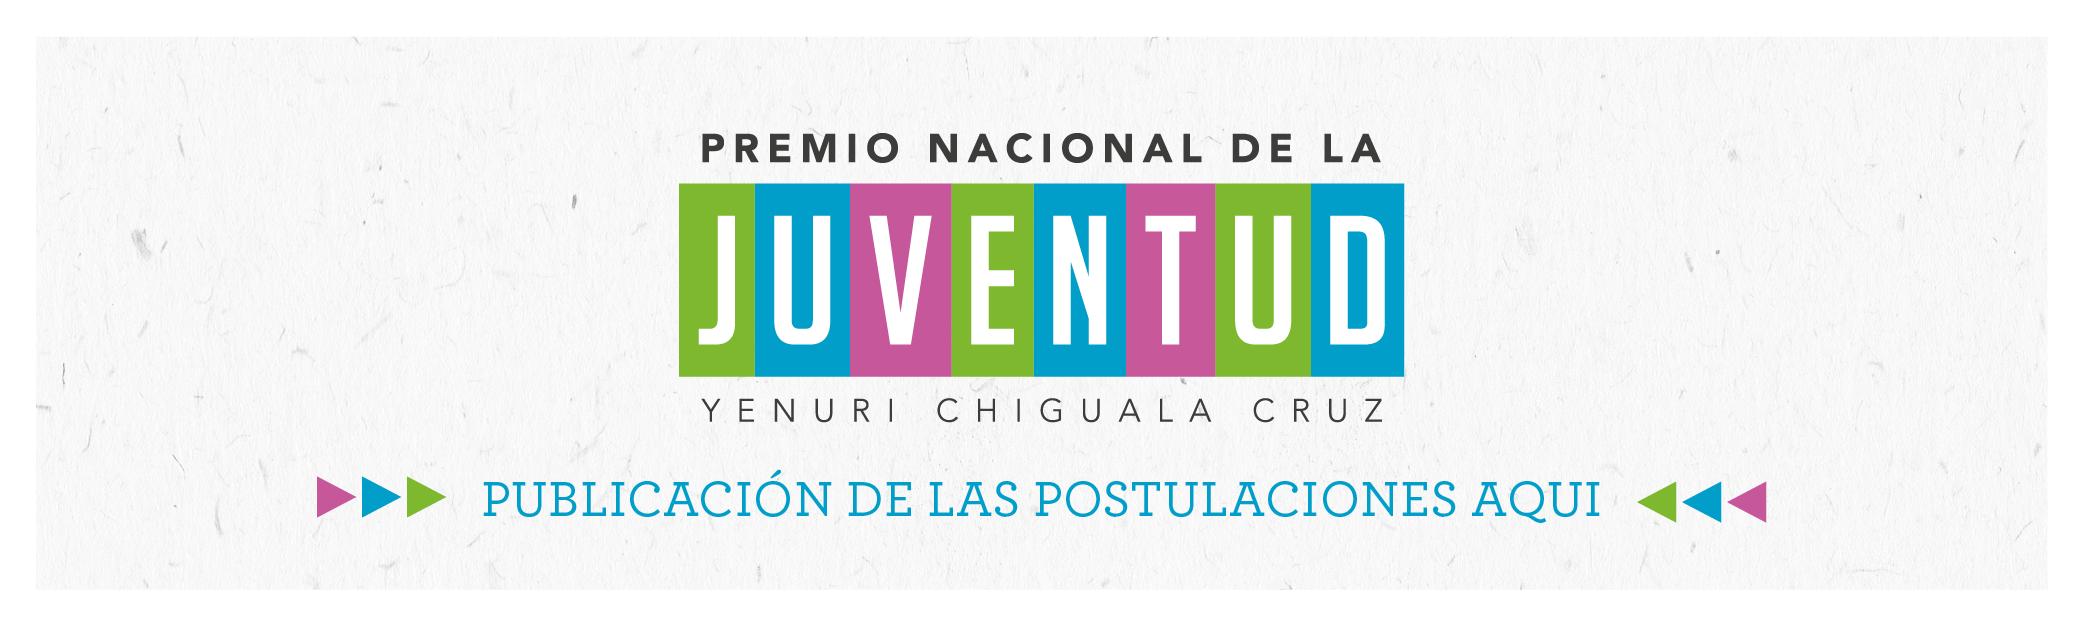 Postulaciones Premio Nacional de la Juventud